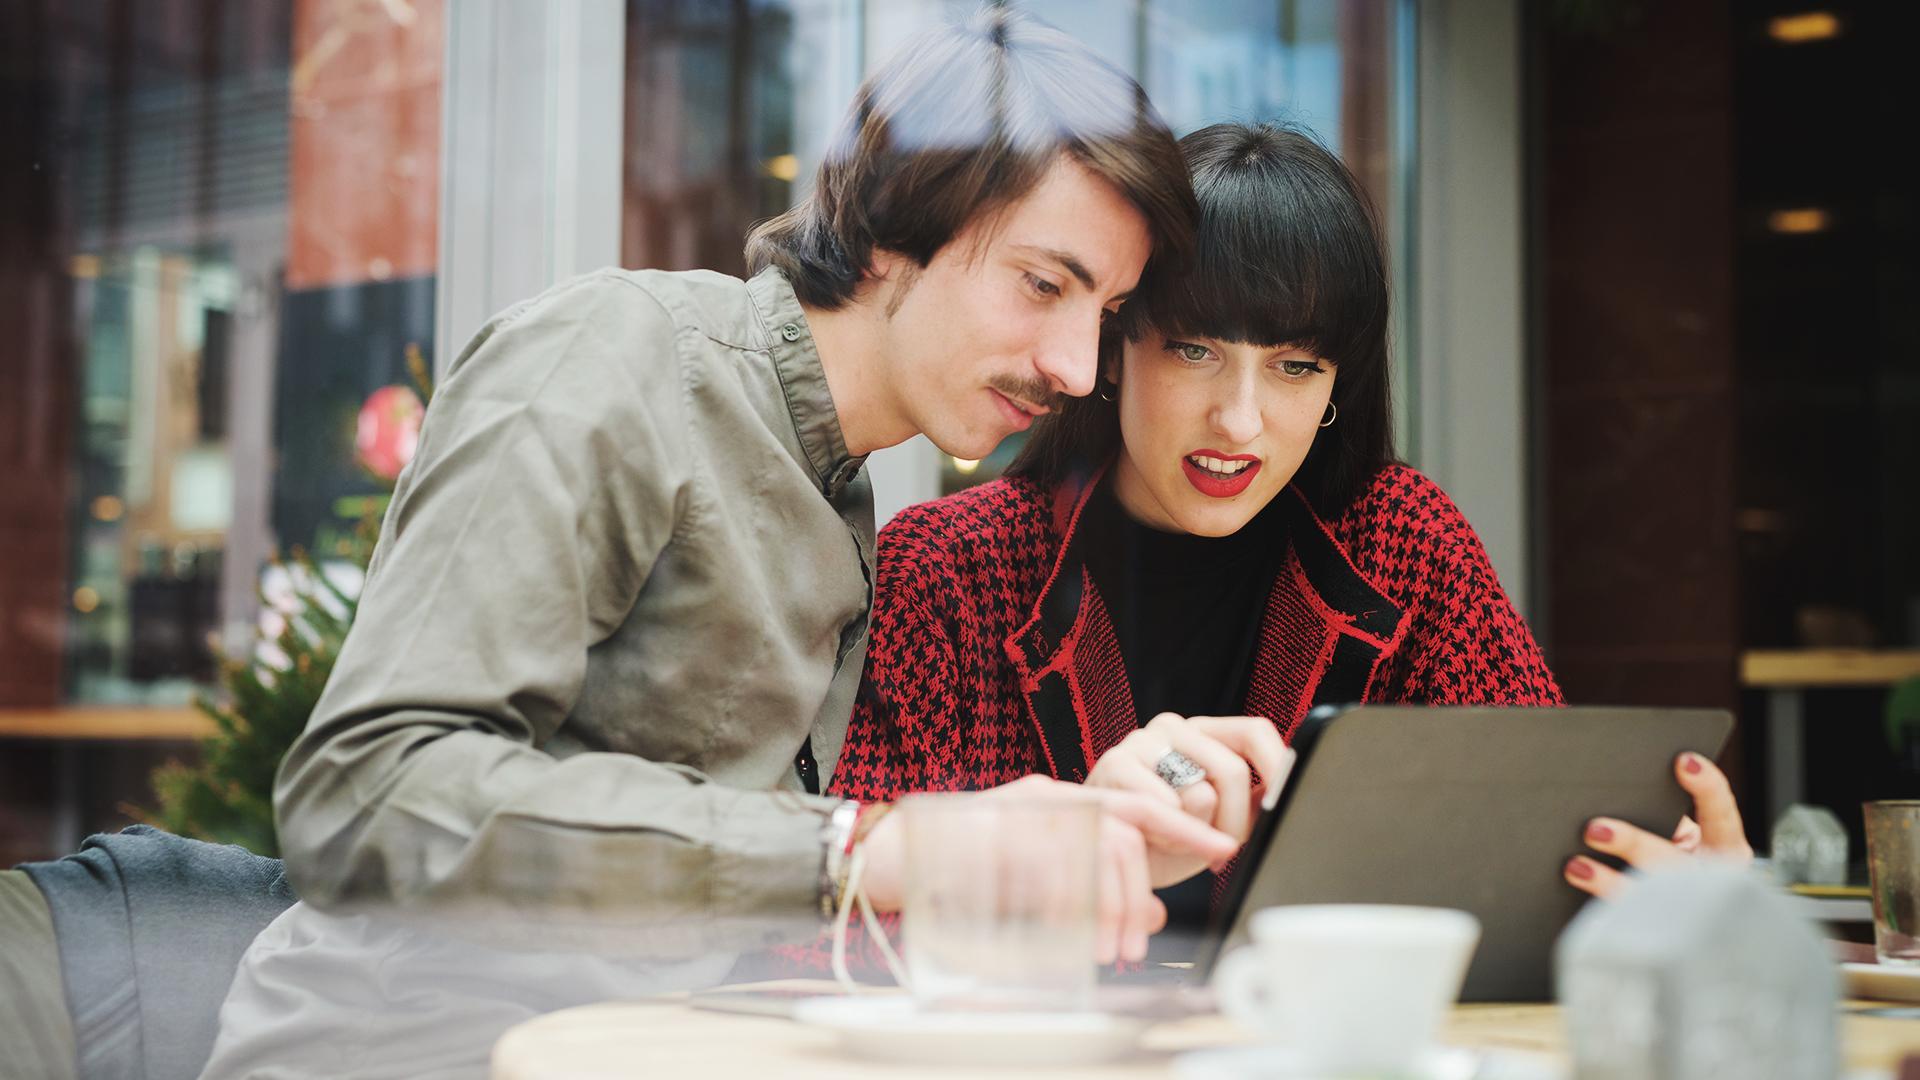 Mies ja nainen kannettavan tietokoneen ääressä